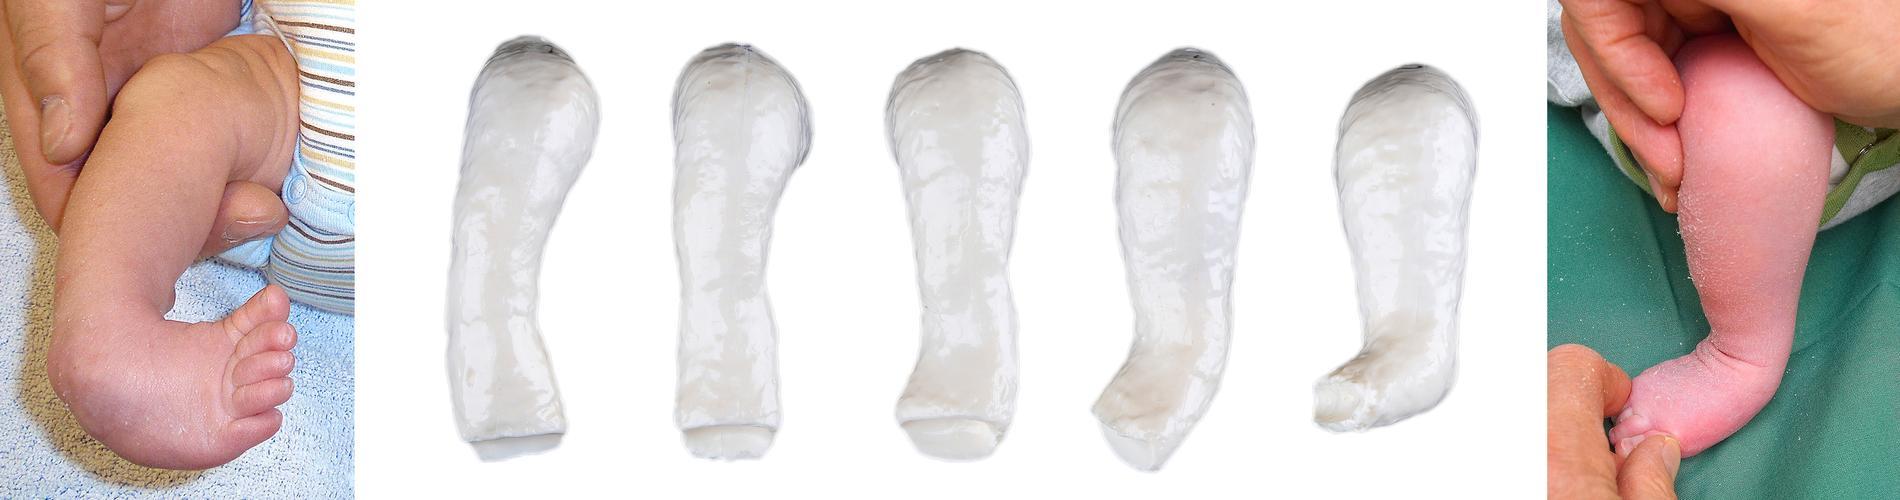 Fotens utveckling när man utför gipsbehandling av klumpfot.